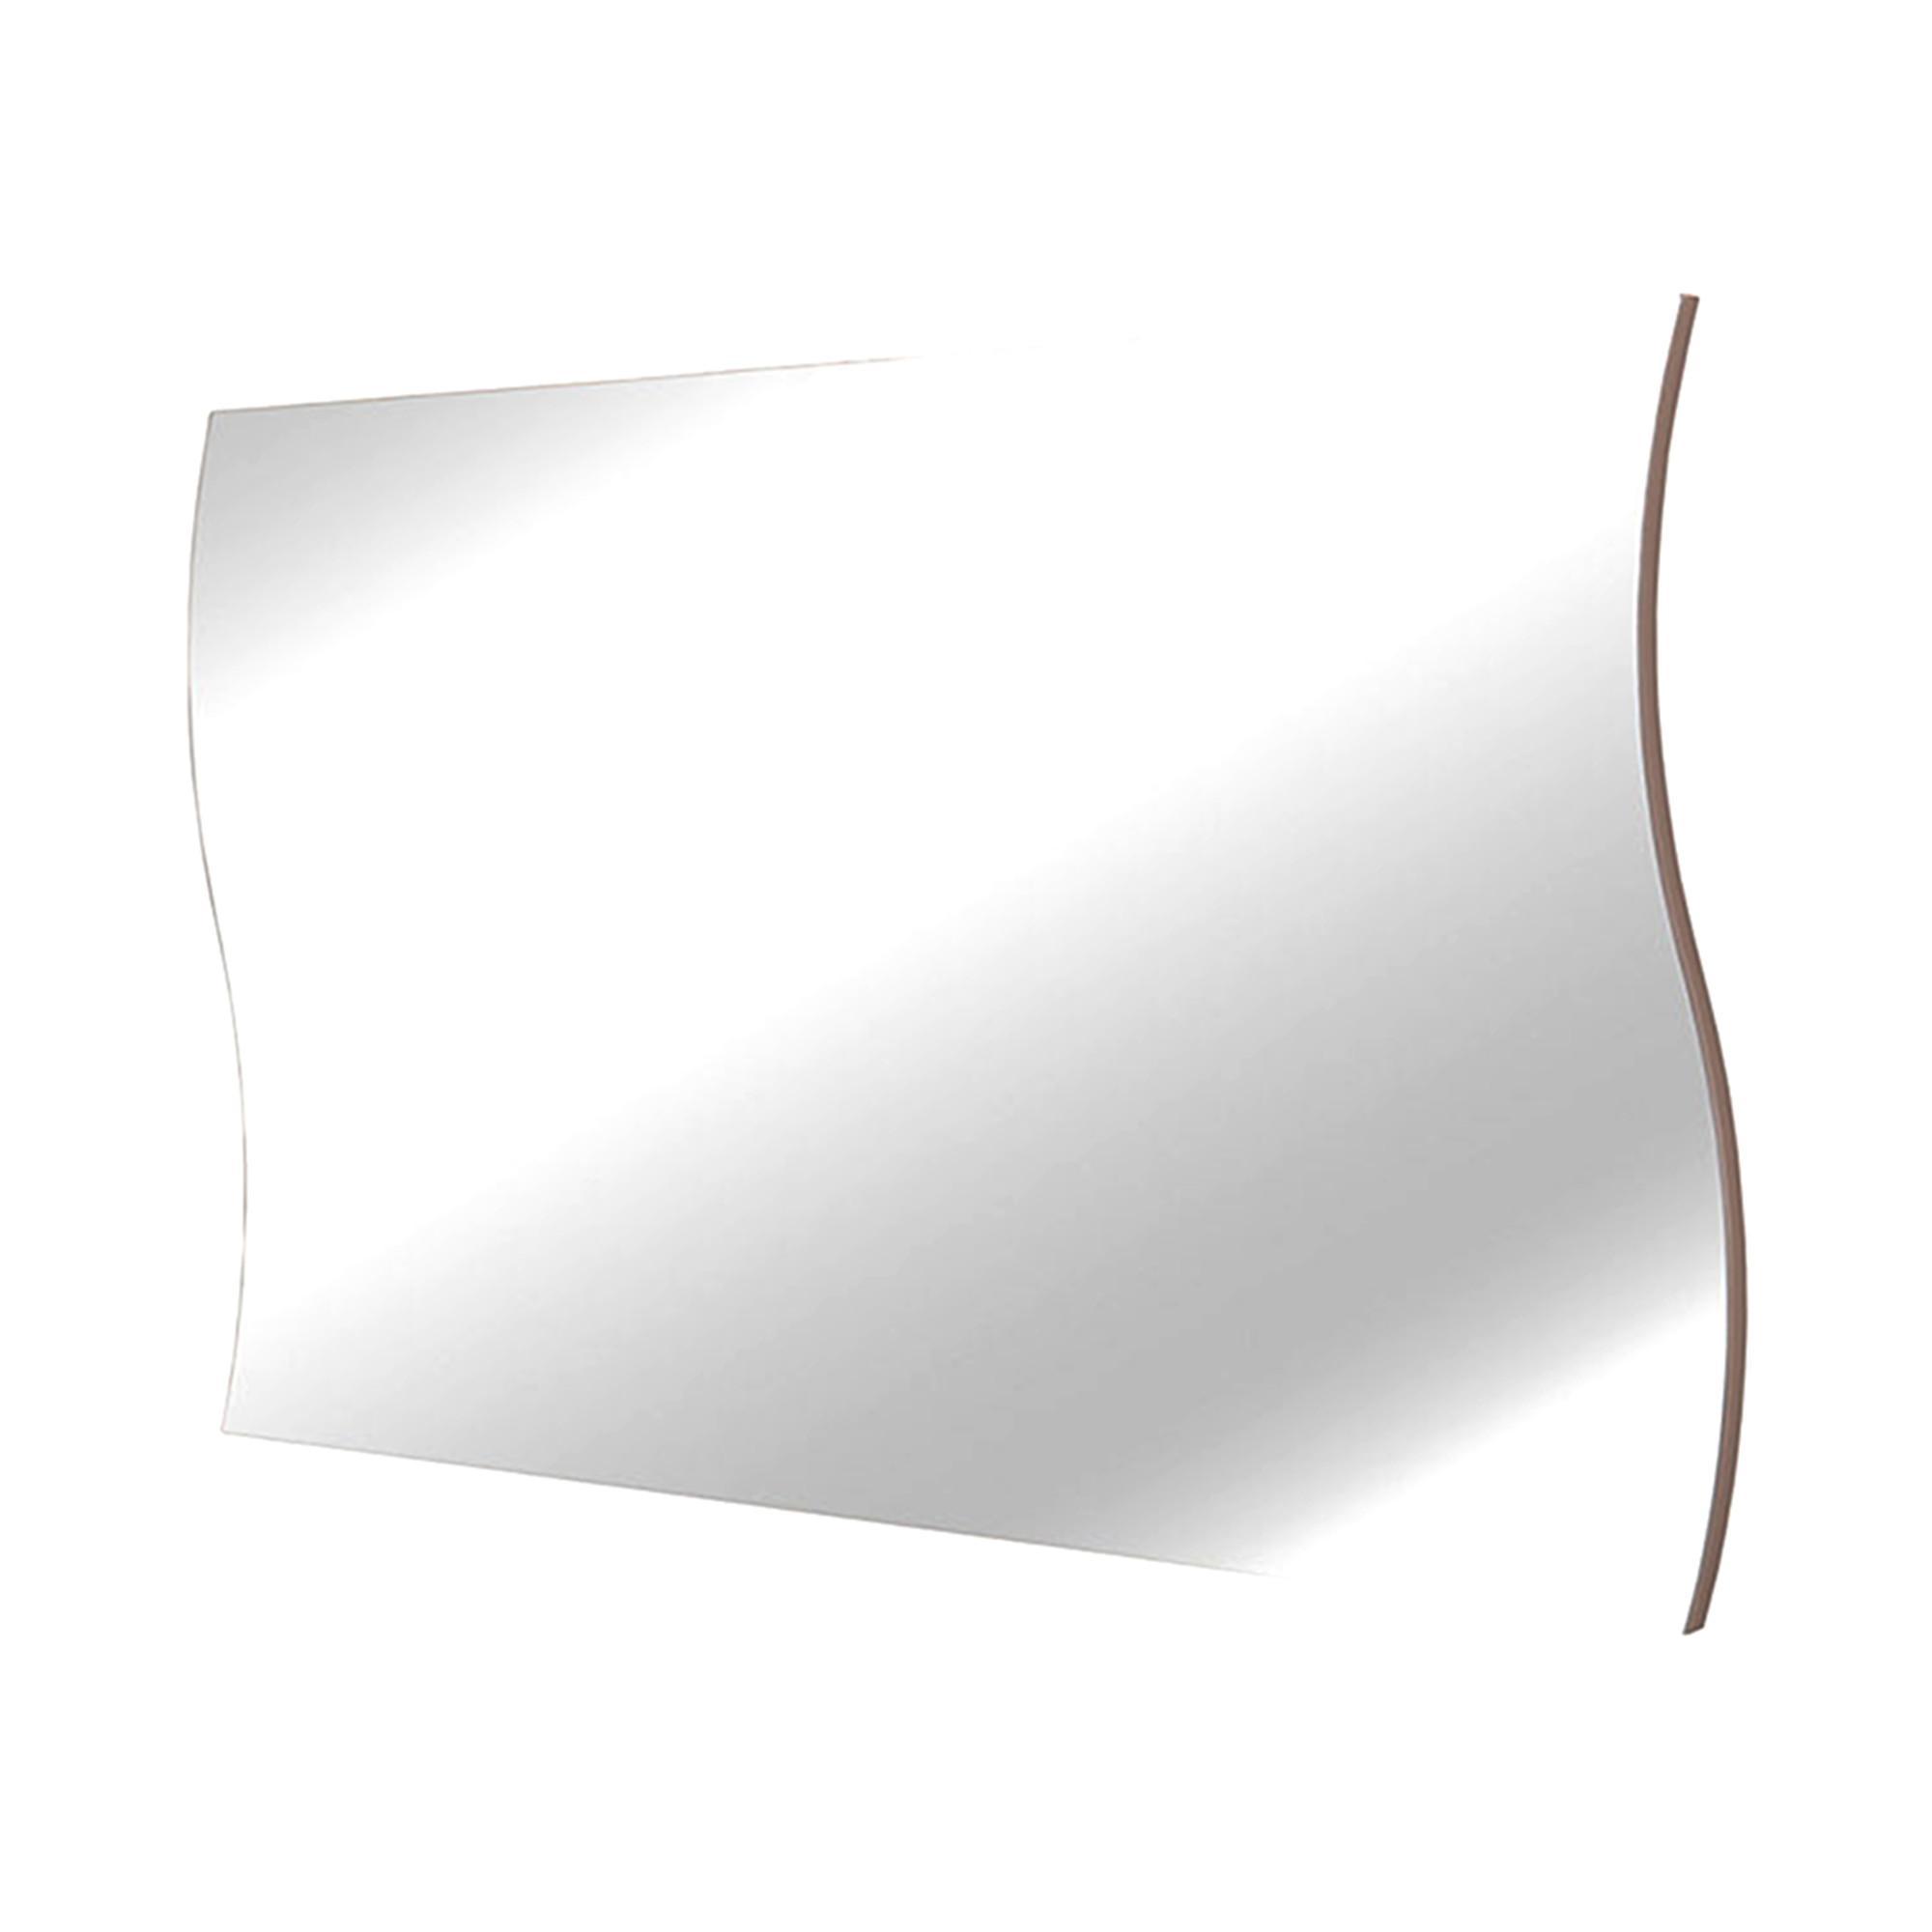 Specchio da muro onda 71x2x60cm con bordo laterale rovere for Specchio da parete 180 cm